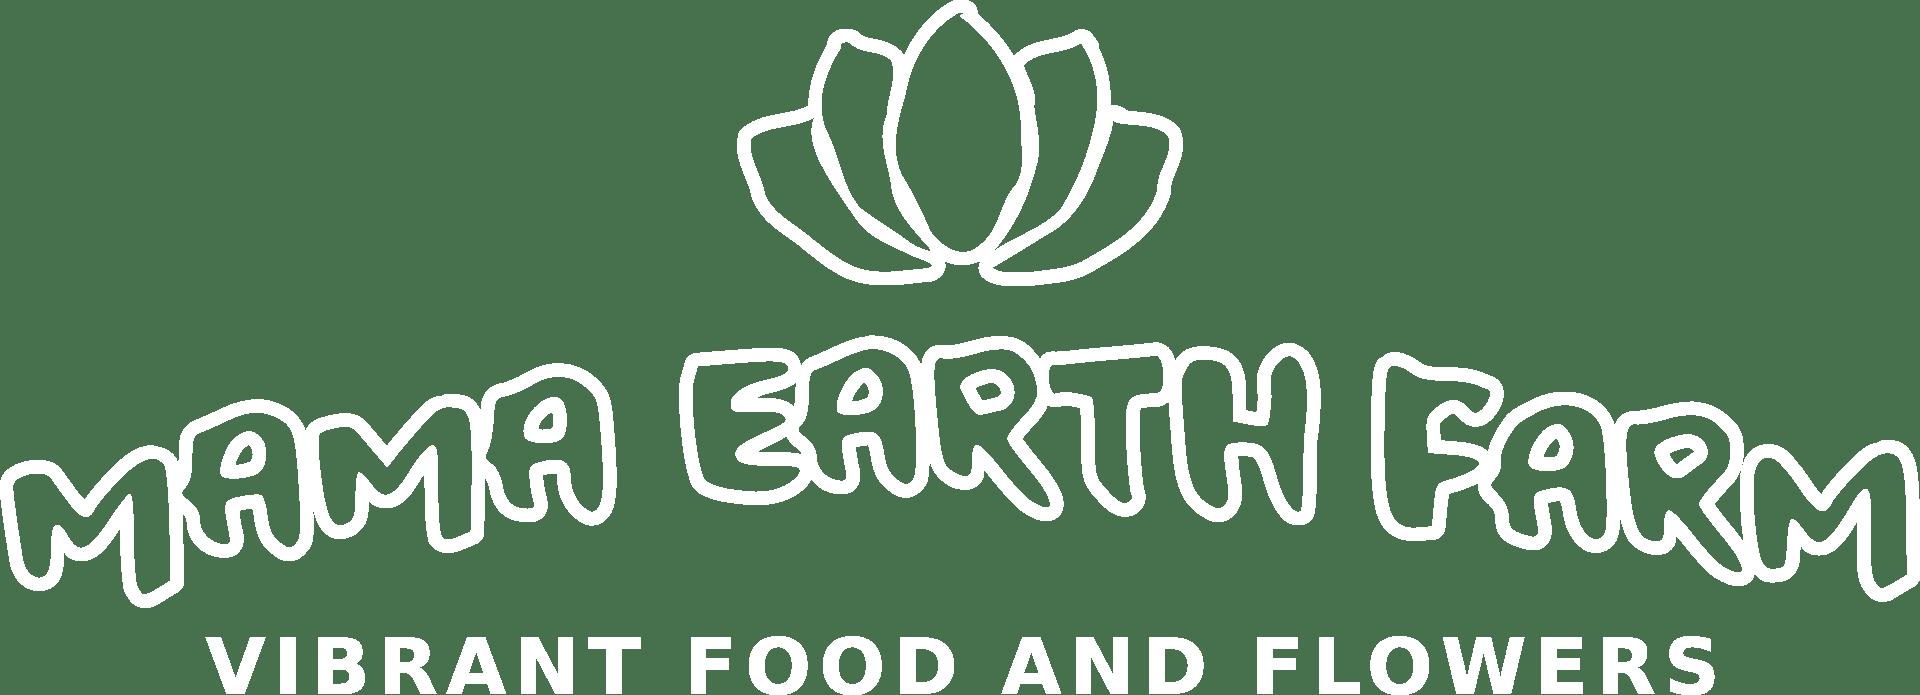 Mama Earth Farm